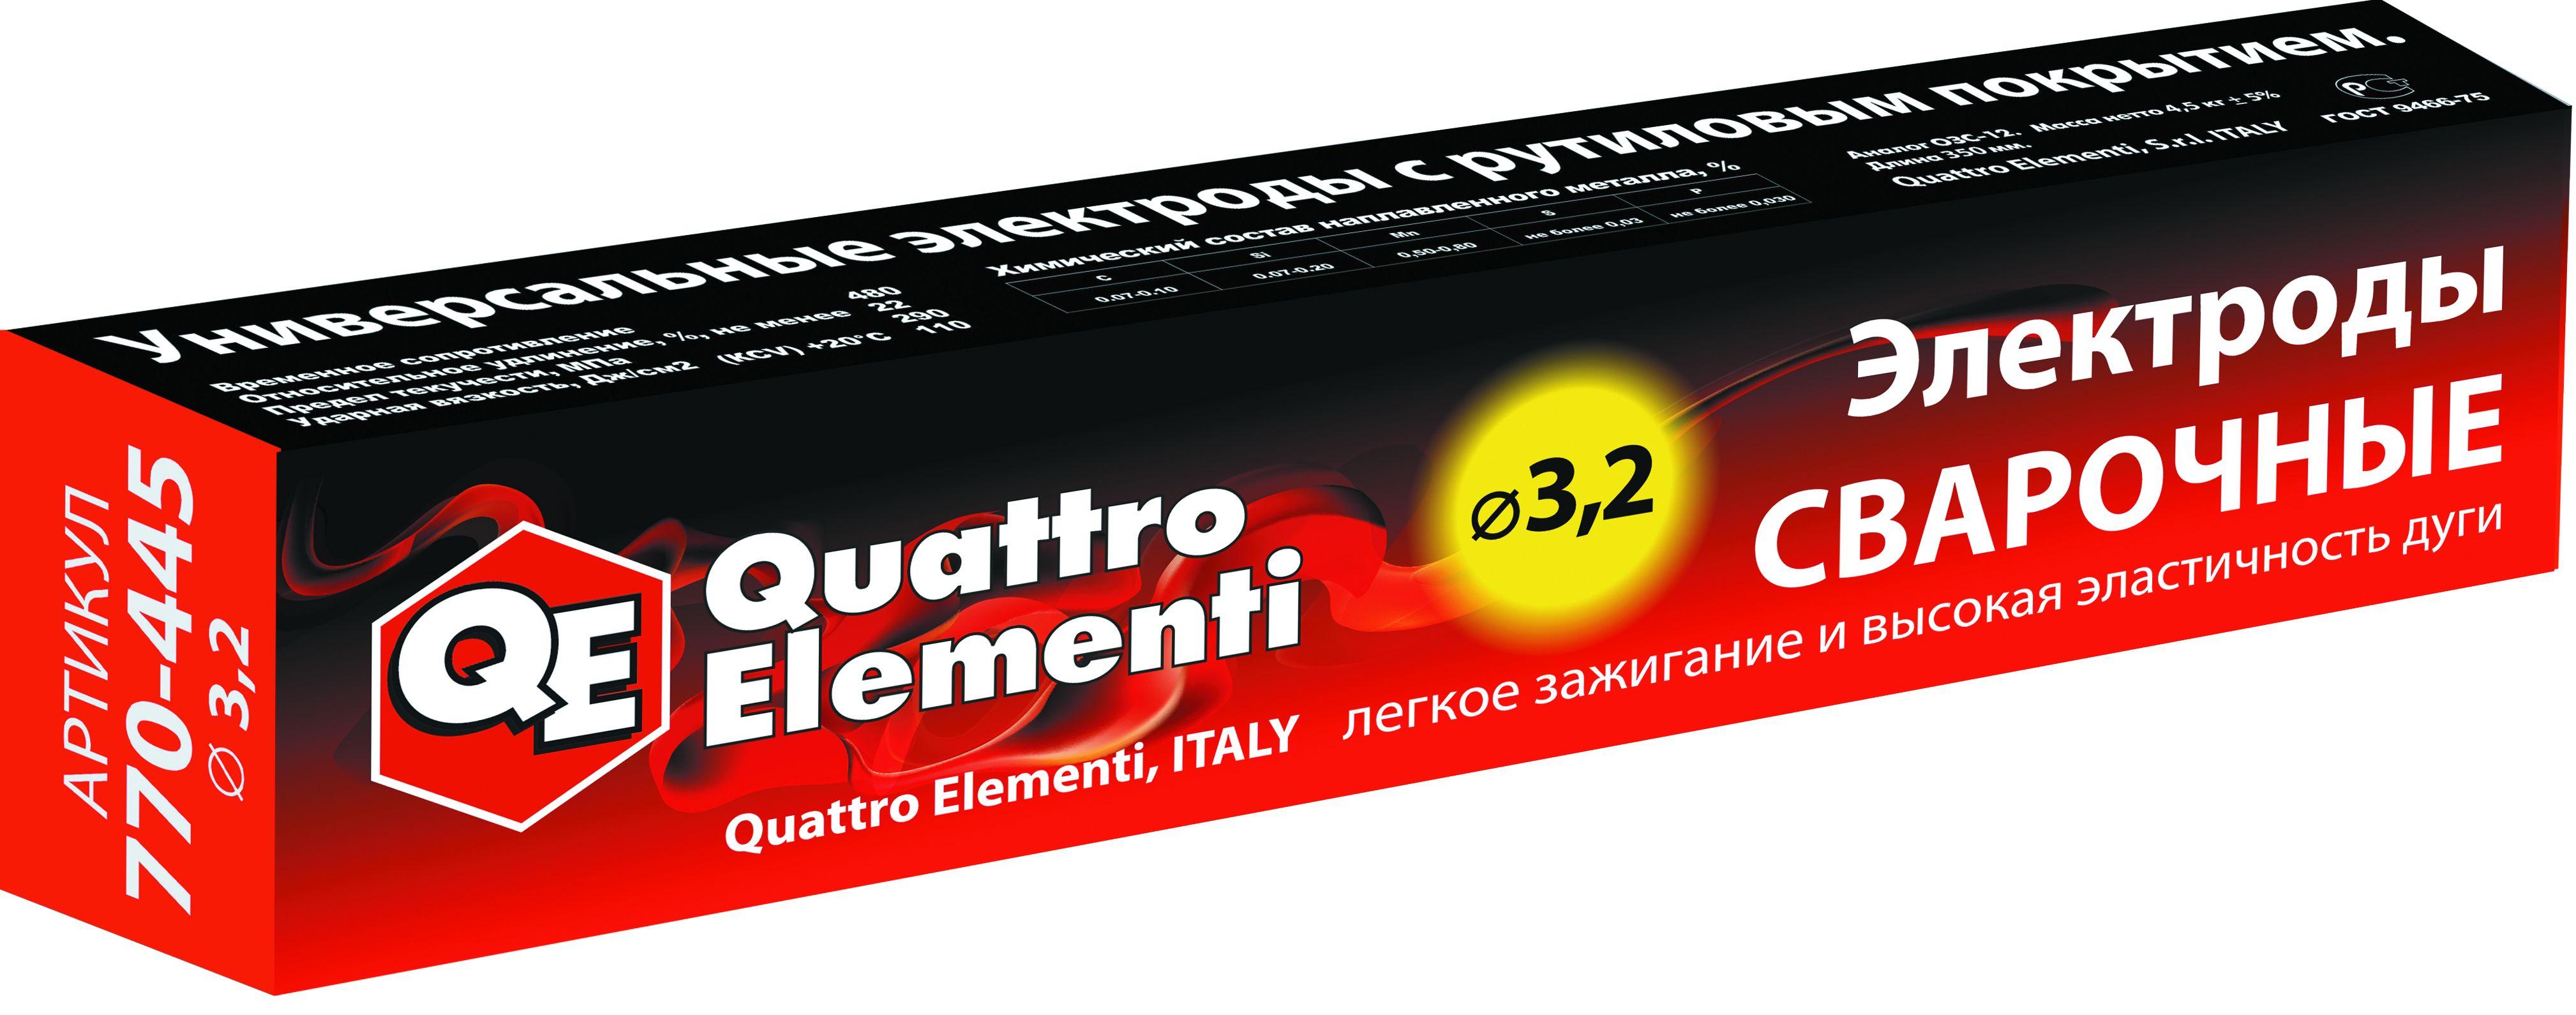 Электроды для сварки Quattro elementi 770-445, Италия  - Купить